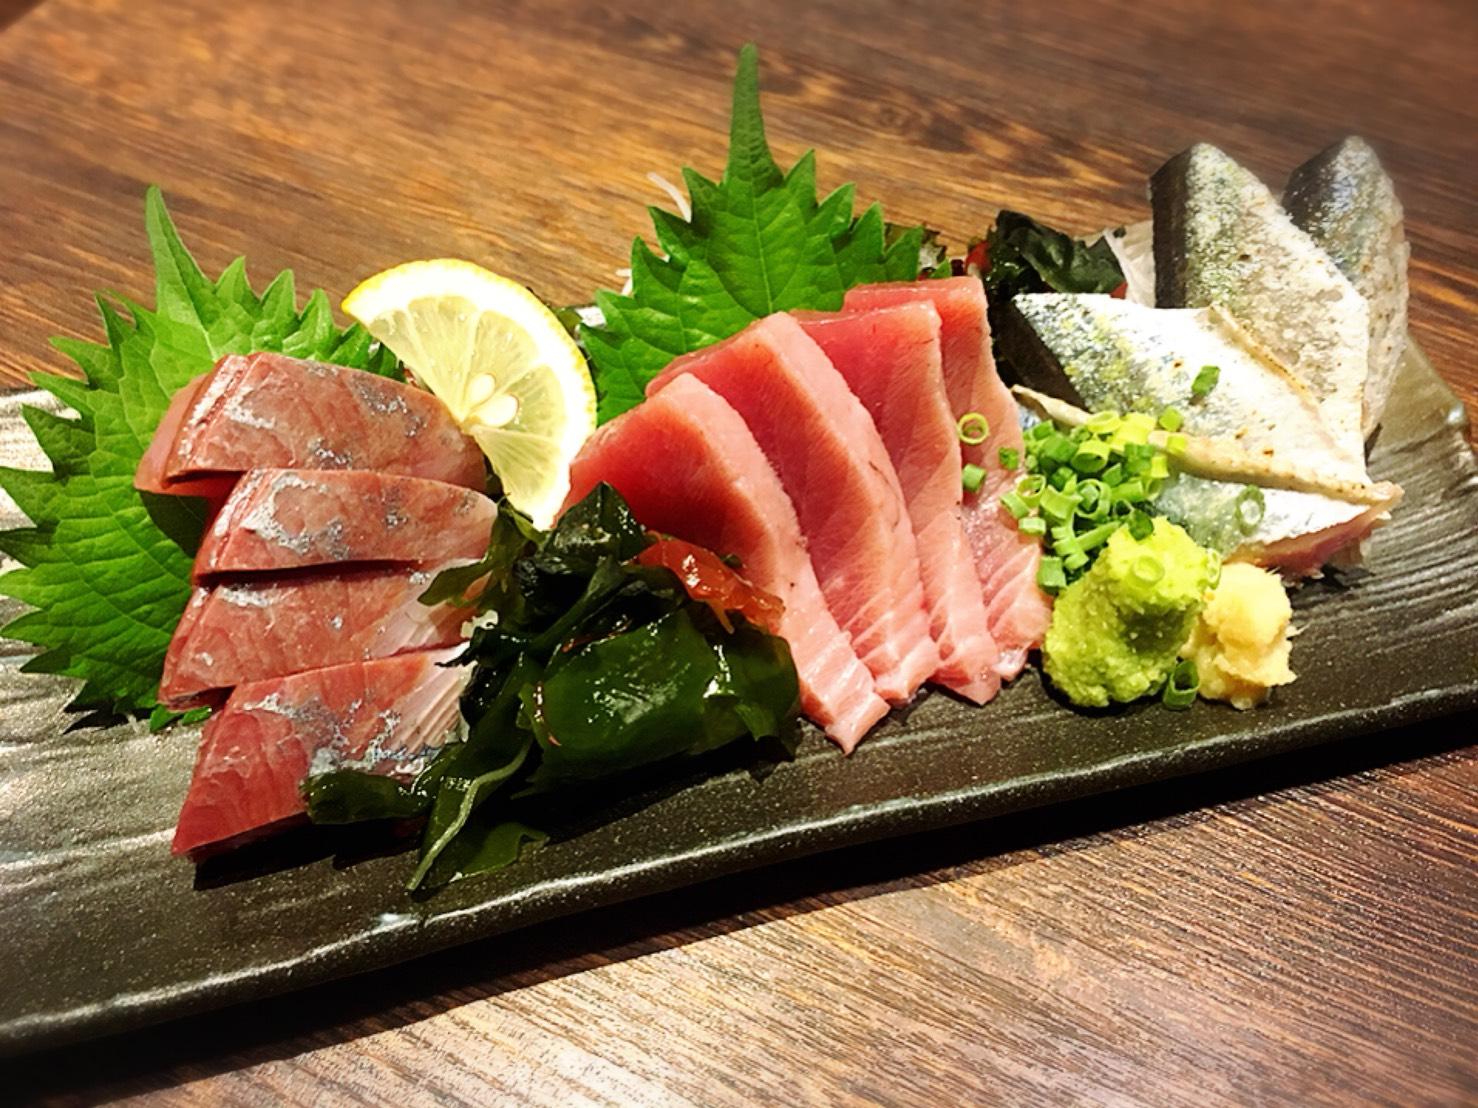 【池袋駅】いくらこぼれ丼を求めて「北海道知床漁場」の刺身お任せ盛り合わせ